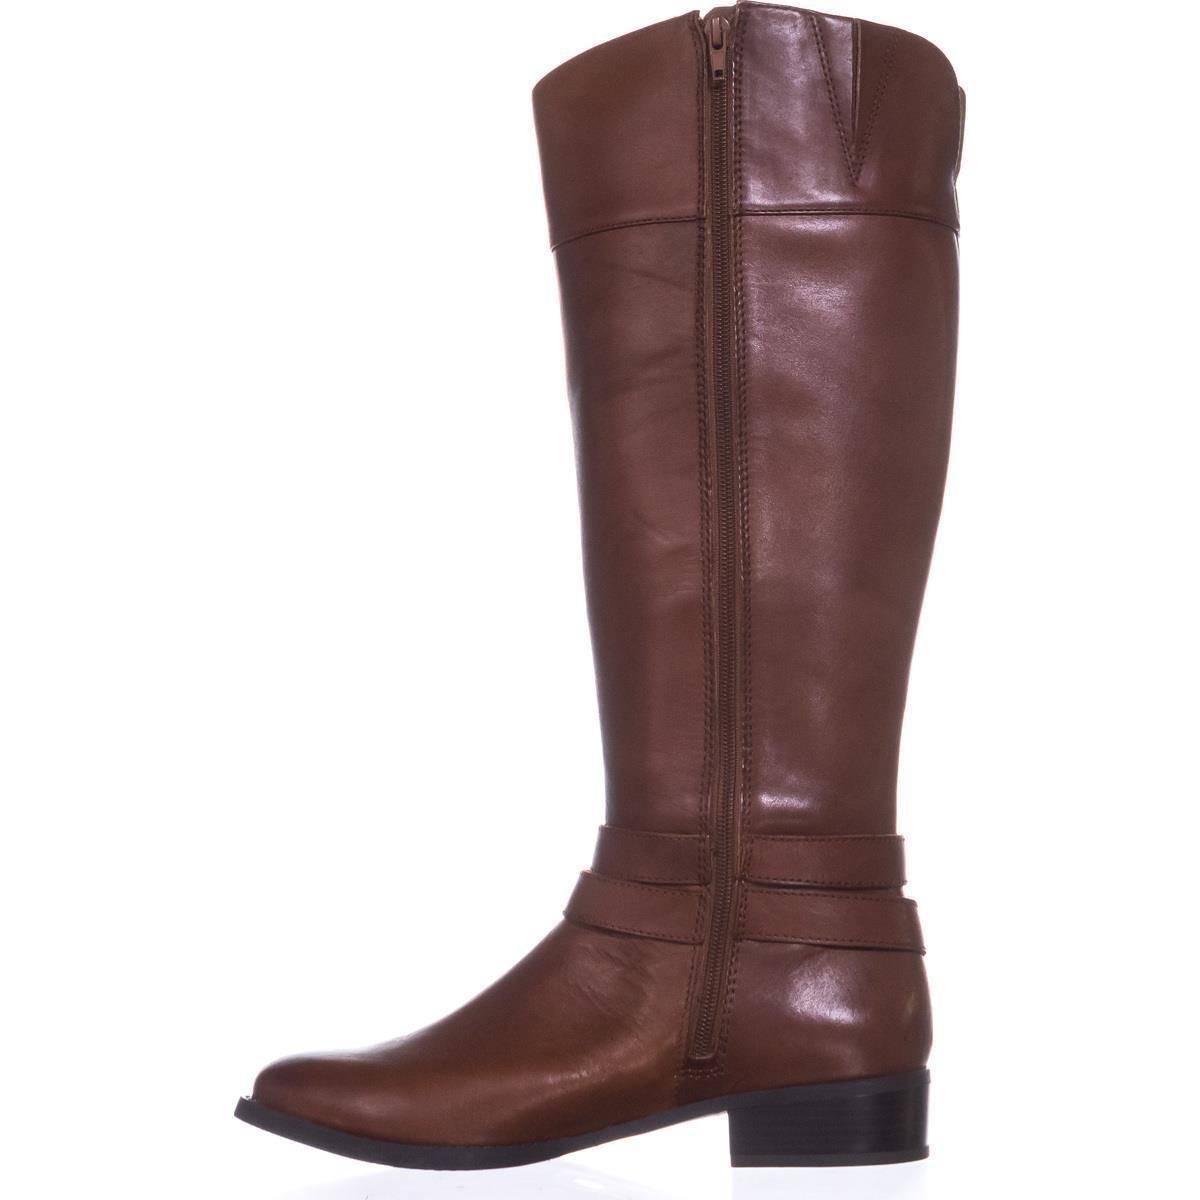 INC International International International Concepts Frauen Weite Wadenoeffnung Geschlossener Zeh Fashion Stiefel Braun Groesse 8 US  39 EU e93062